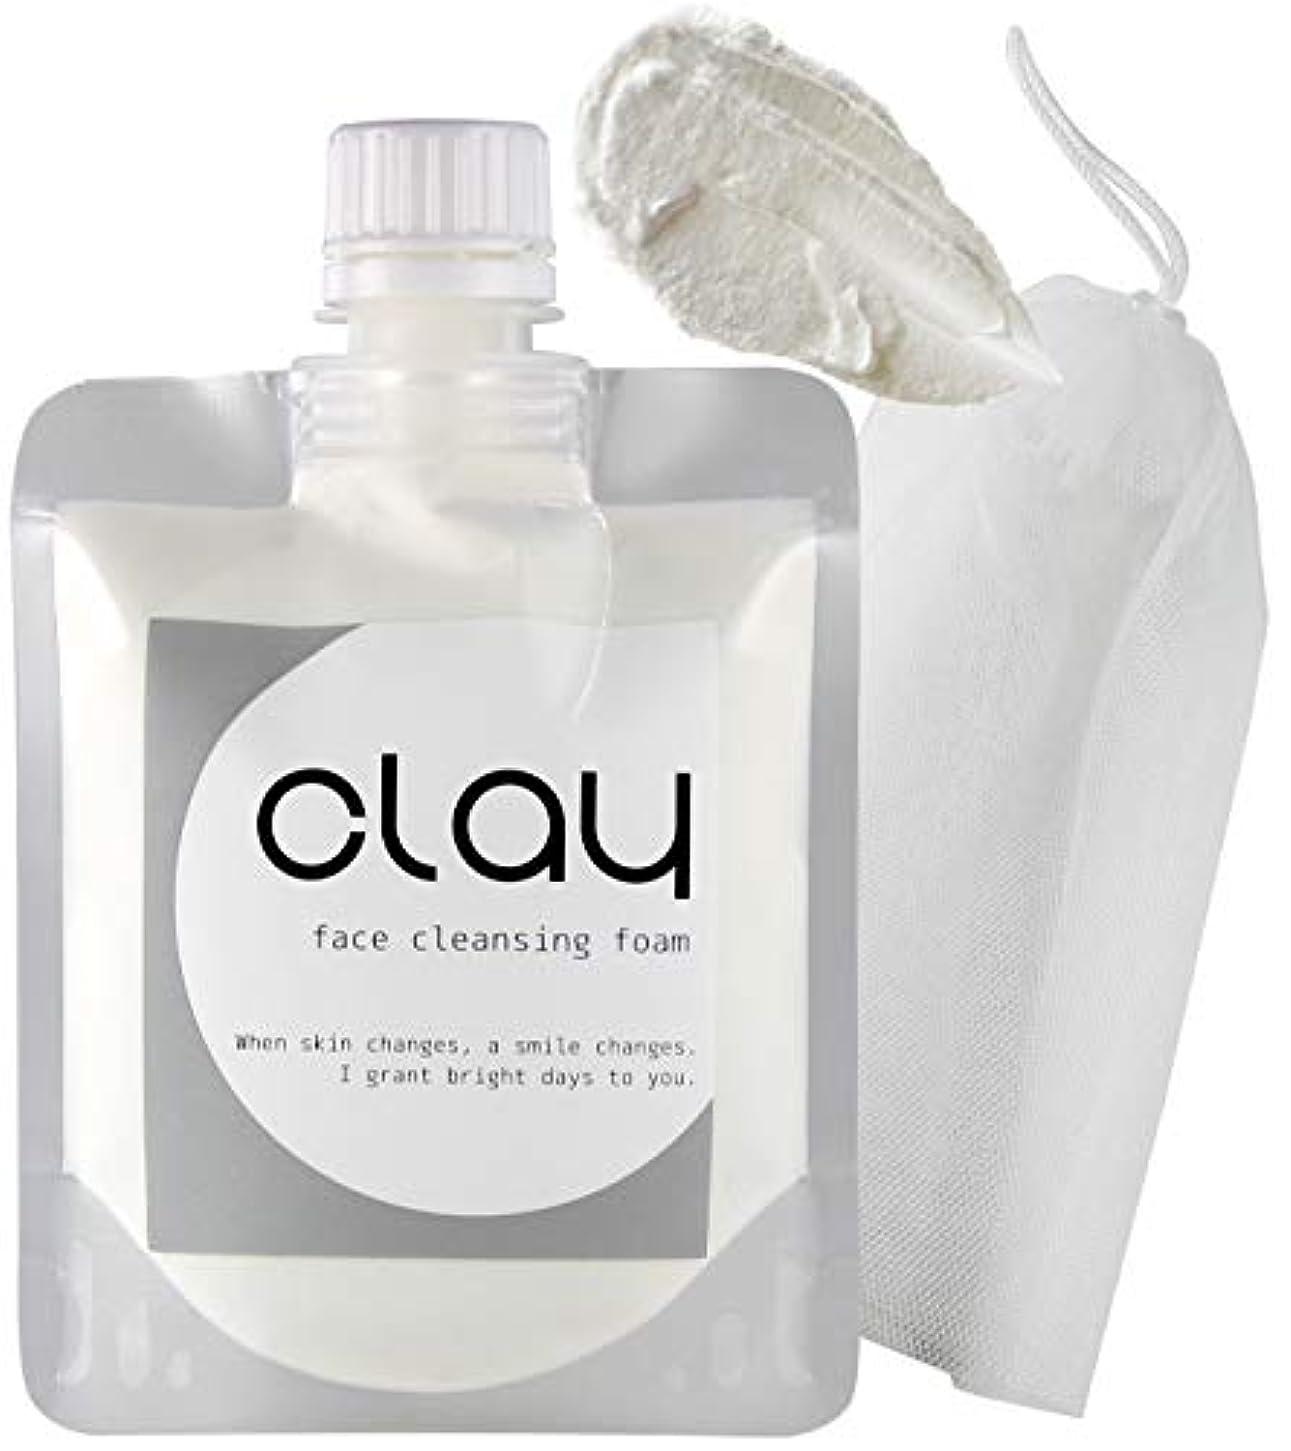 表面キラウエア山作りますSTAR'S クレイ 泥 洗顔 オーガニック 【 毛穴 黒ずみ 開き ザラ付き 用】「 泡 ネット 付き」 40種類の植物エキス 16種類の美容成分 9つの無添加 透明感 柔肌 130g (Clay)